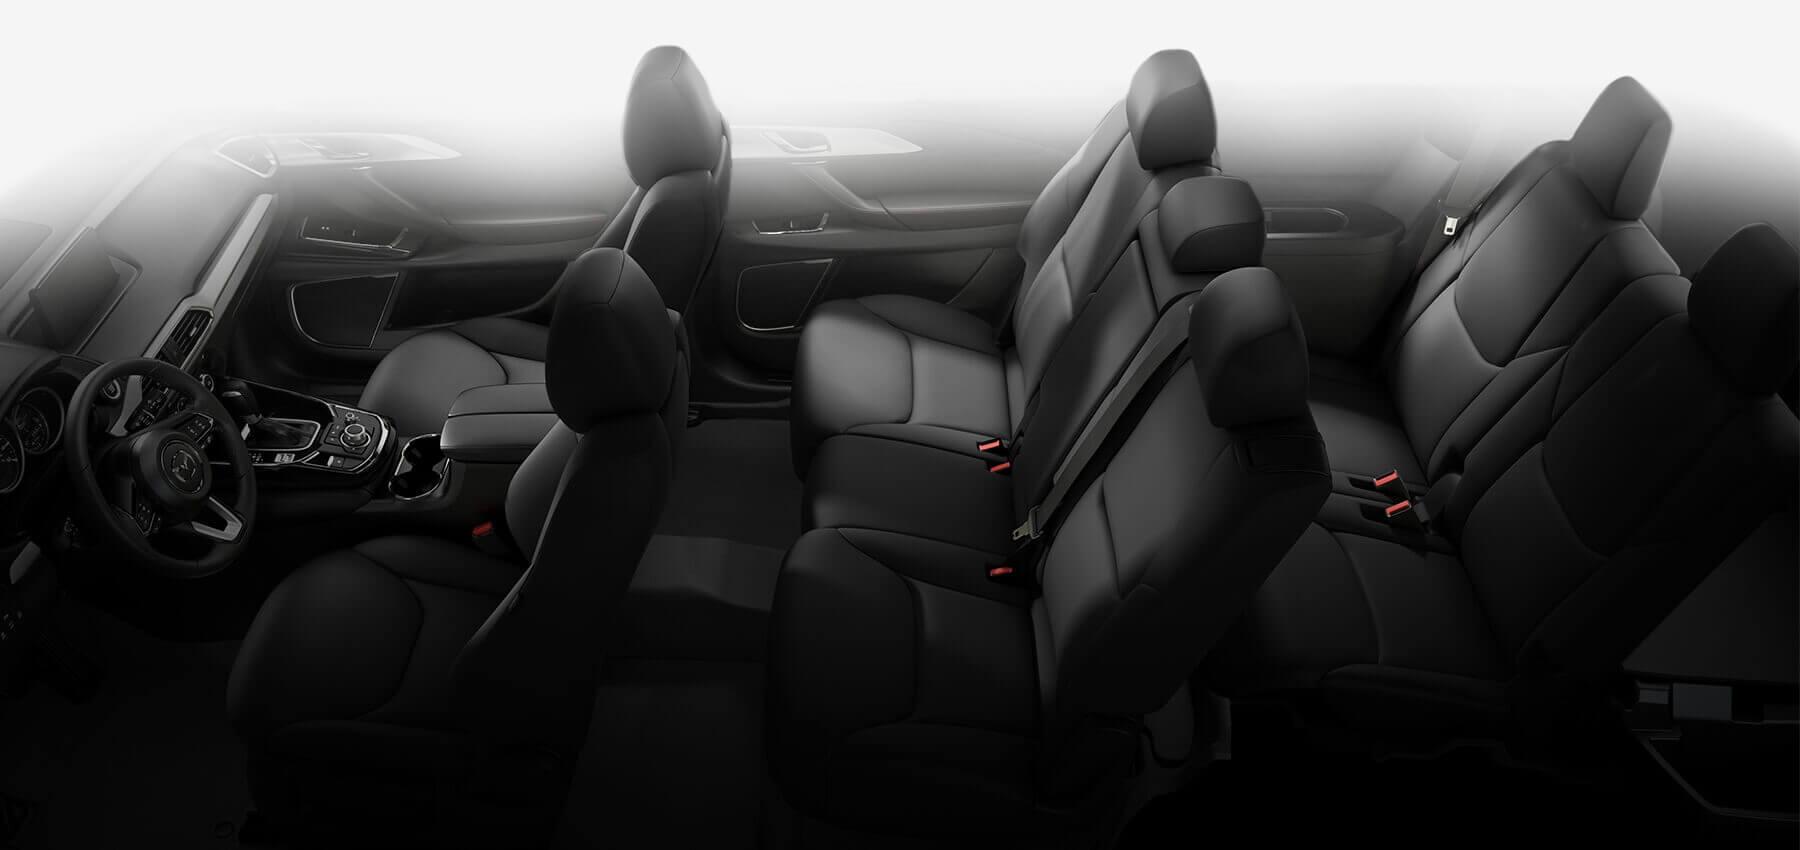 2017 mazda cx 9 3 row 7 passenger suv mazda usa